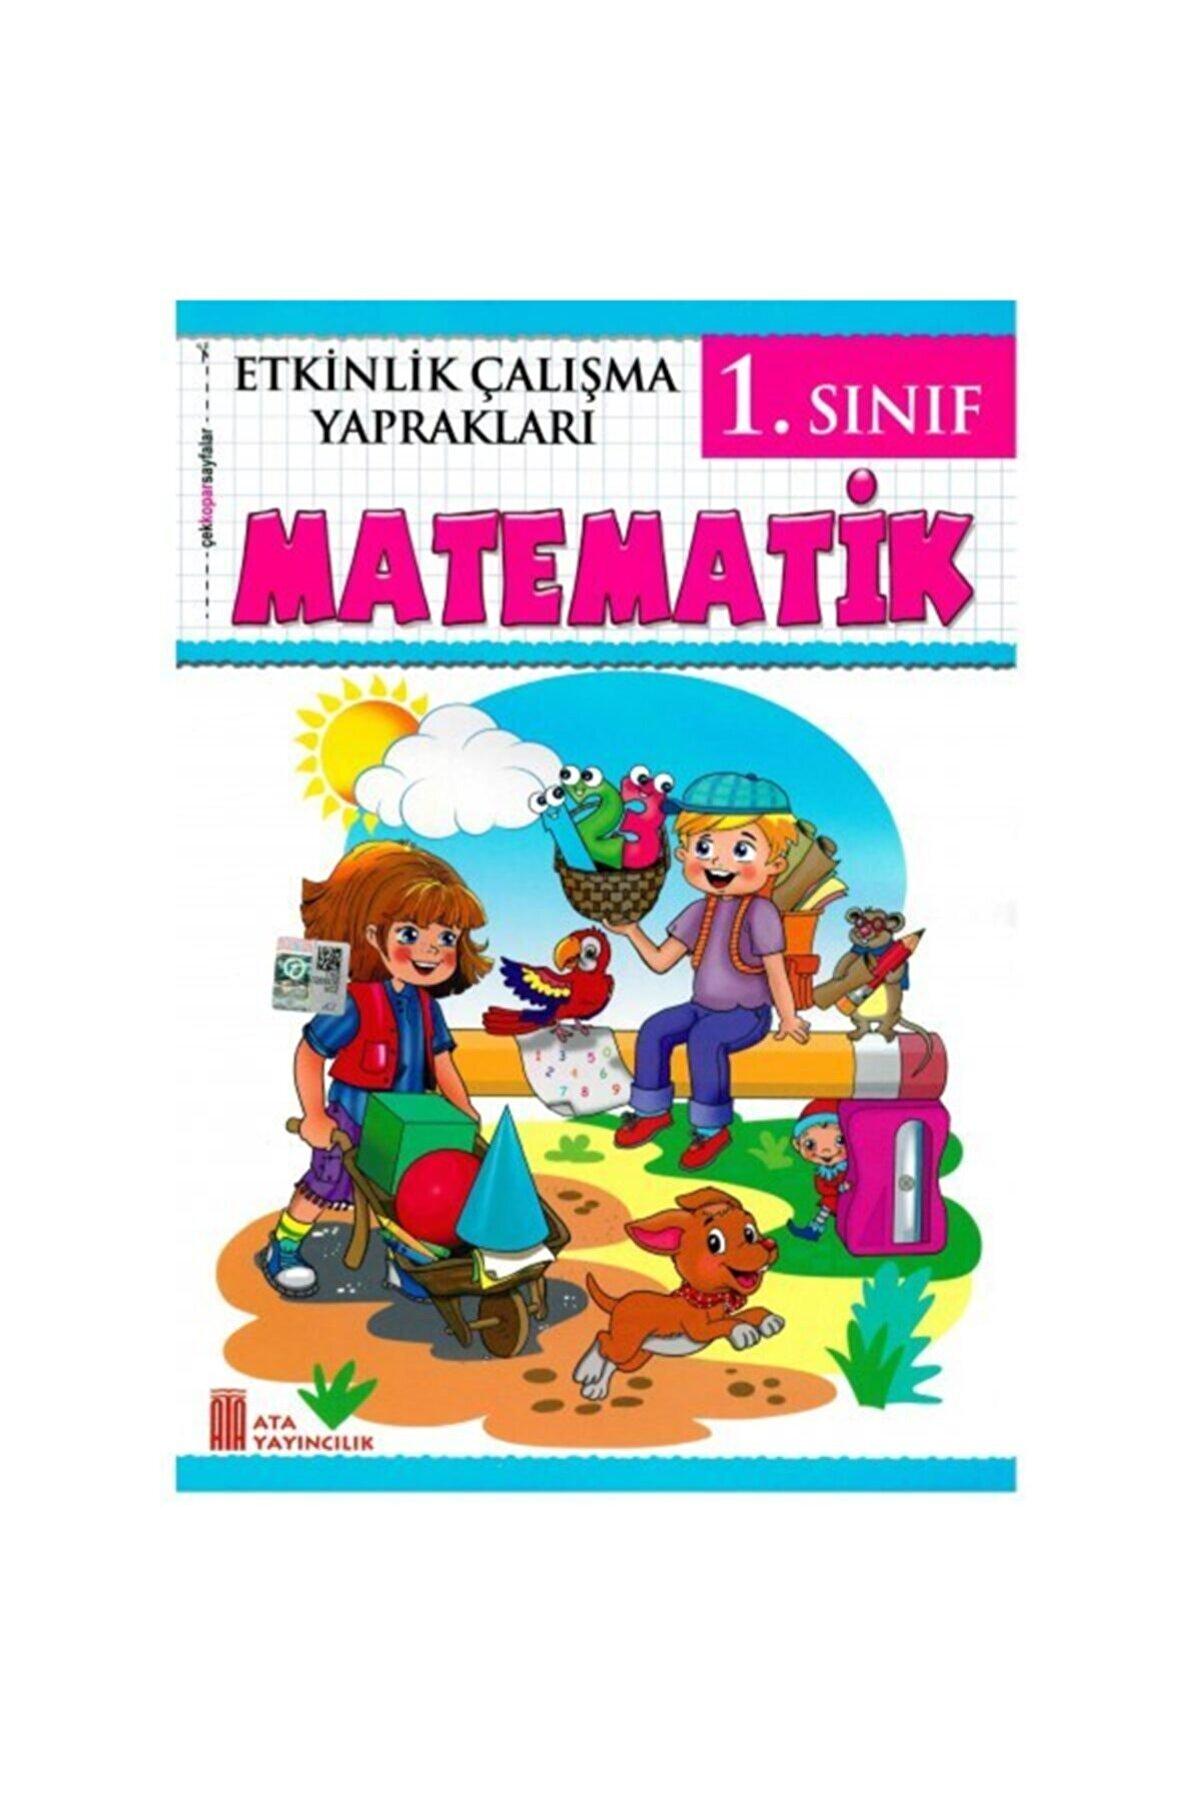 Ata Yayıncılık 1. Sınıf Etkinlik Çalışma Yaprakları Matematik Ata Yayıncılık